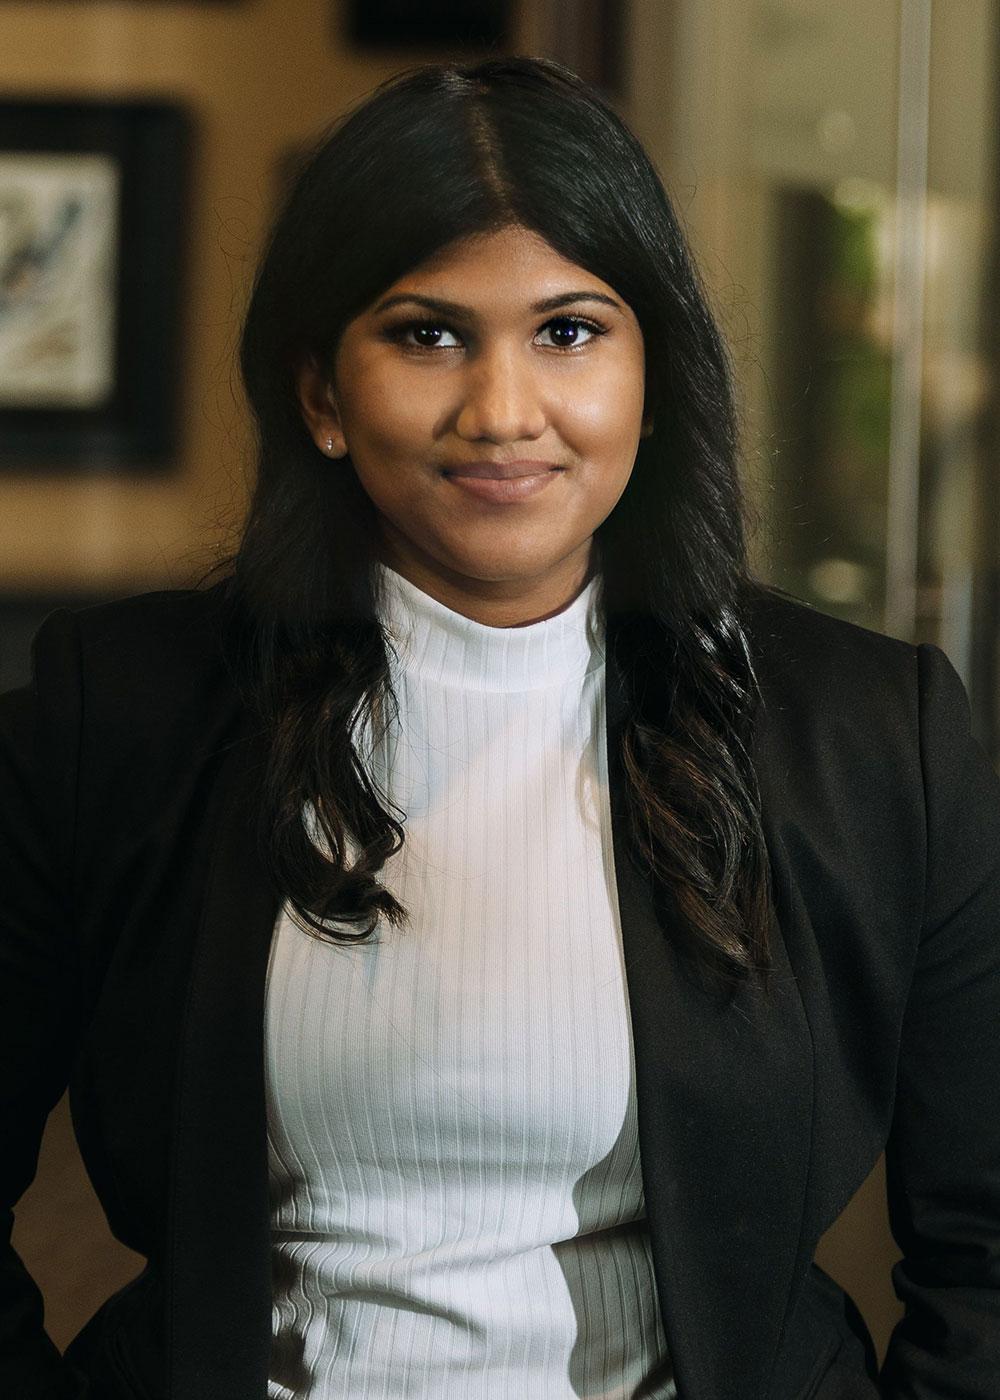 Lakshani Perera